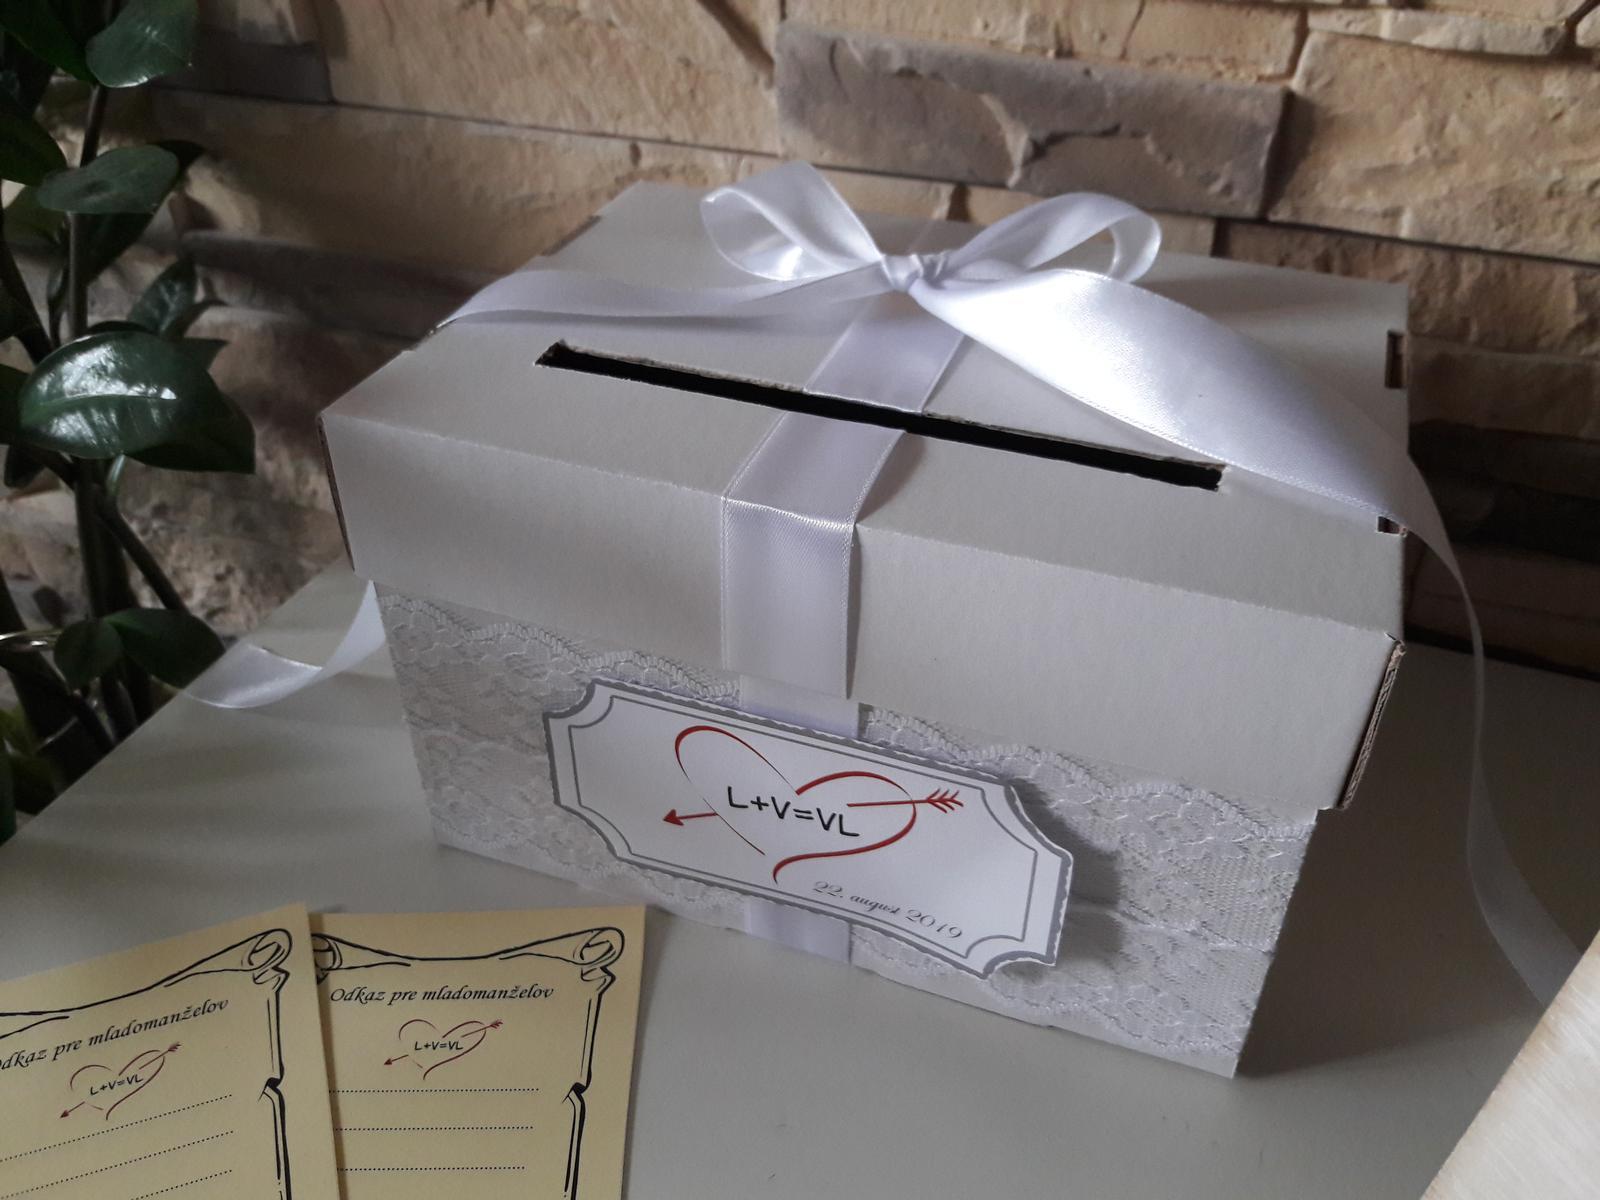 Box s kartičkami na odkazy mladomanželom - Obrázok č. 2